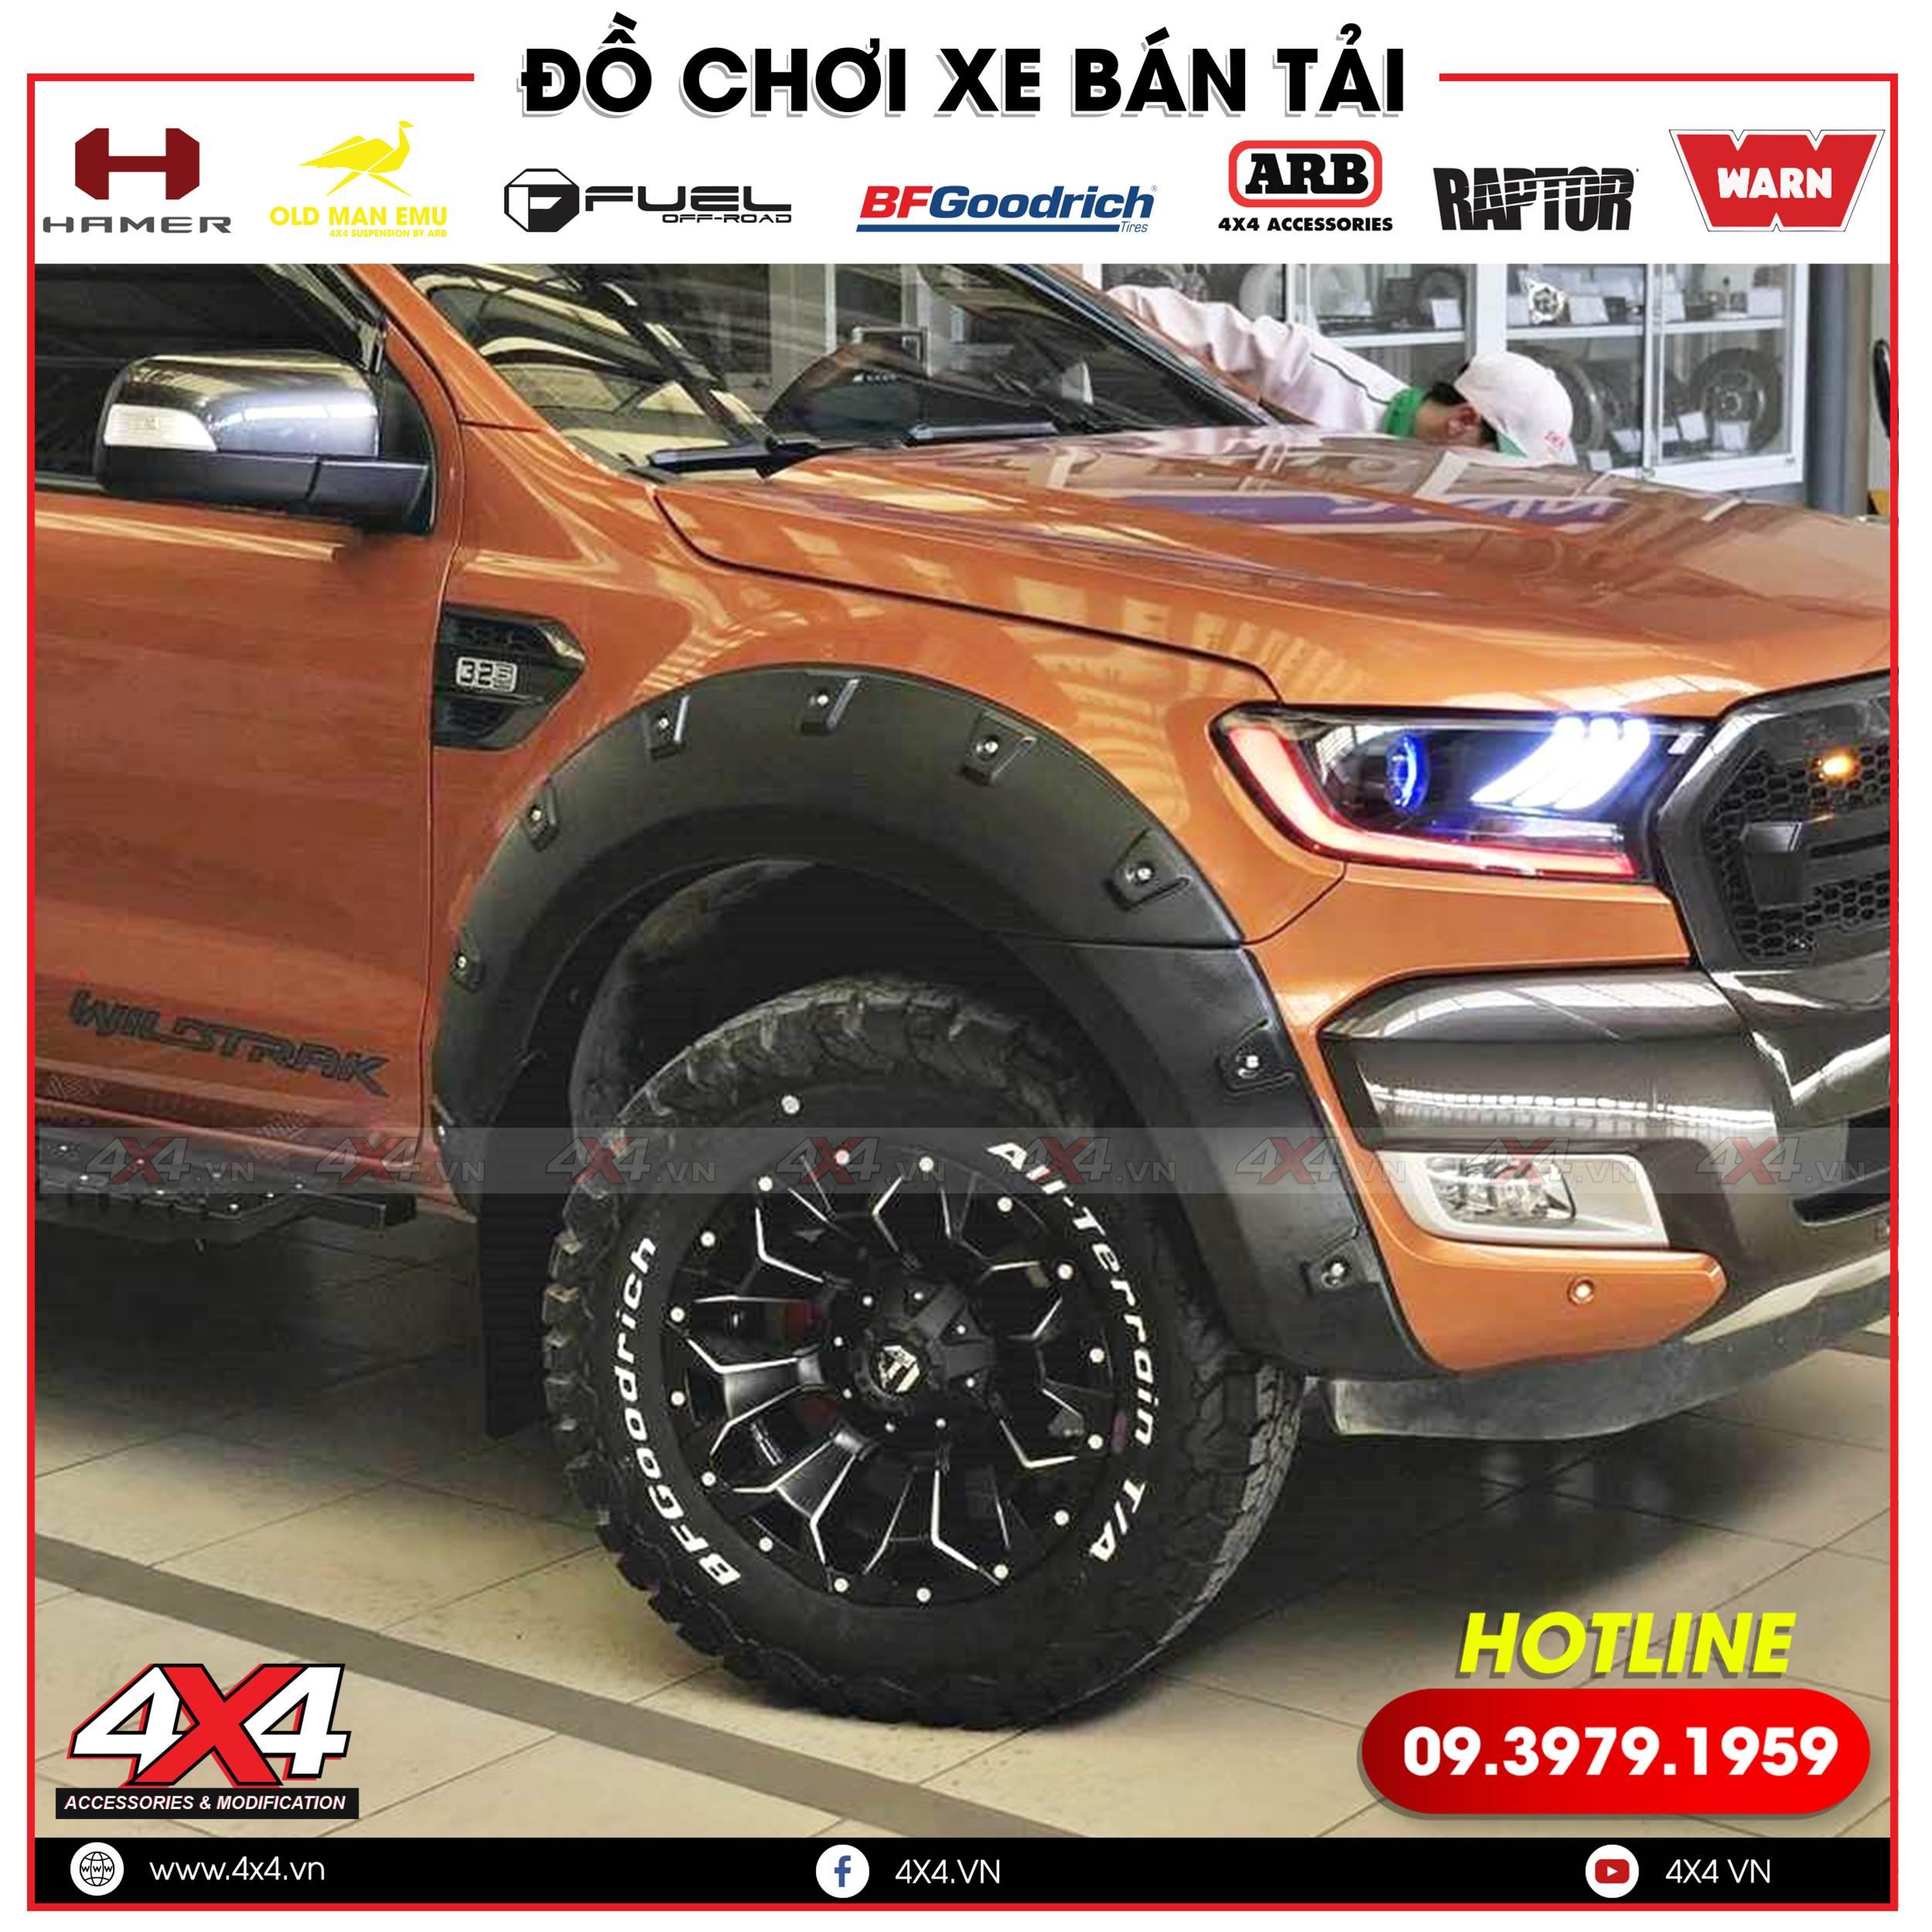 Ốp cua lốp đinh lồi độ cho xe bán tải Ford Ranger thêm hầm hố hơn, ngầu hơn